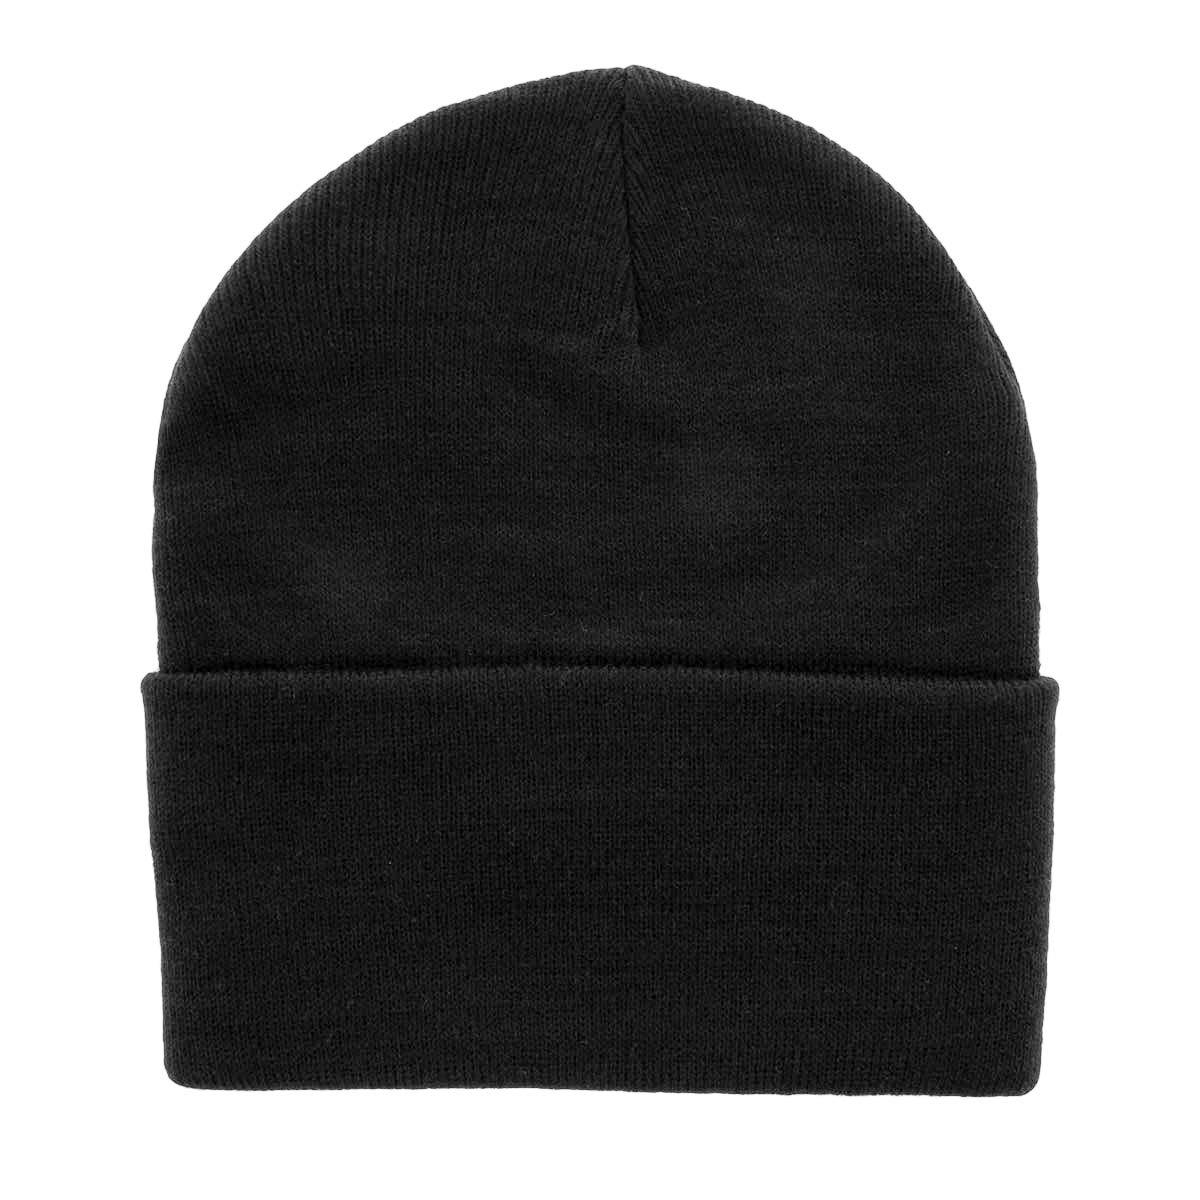 DG Hill Set of 3 Mens Warm Winter Hats 269e5ef900ec